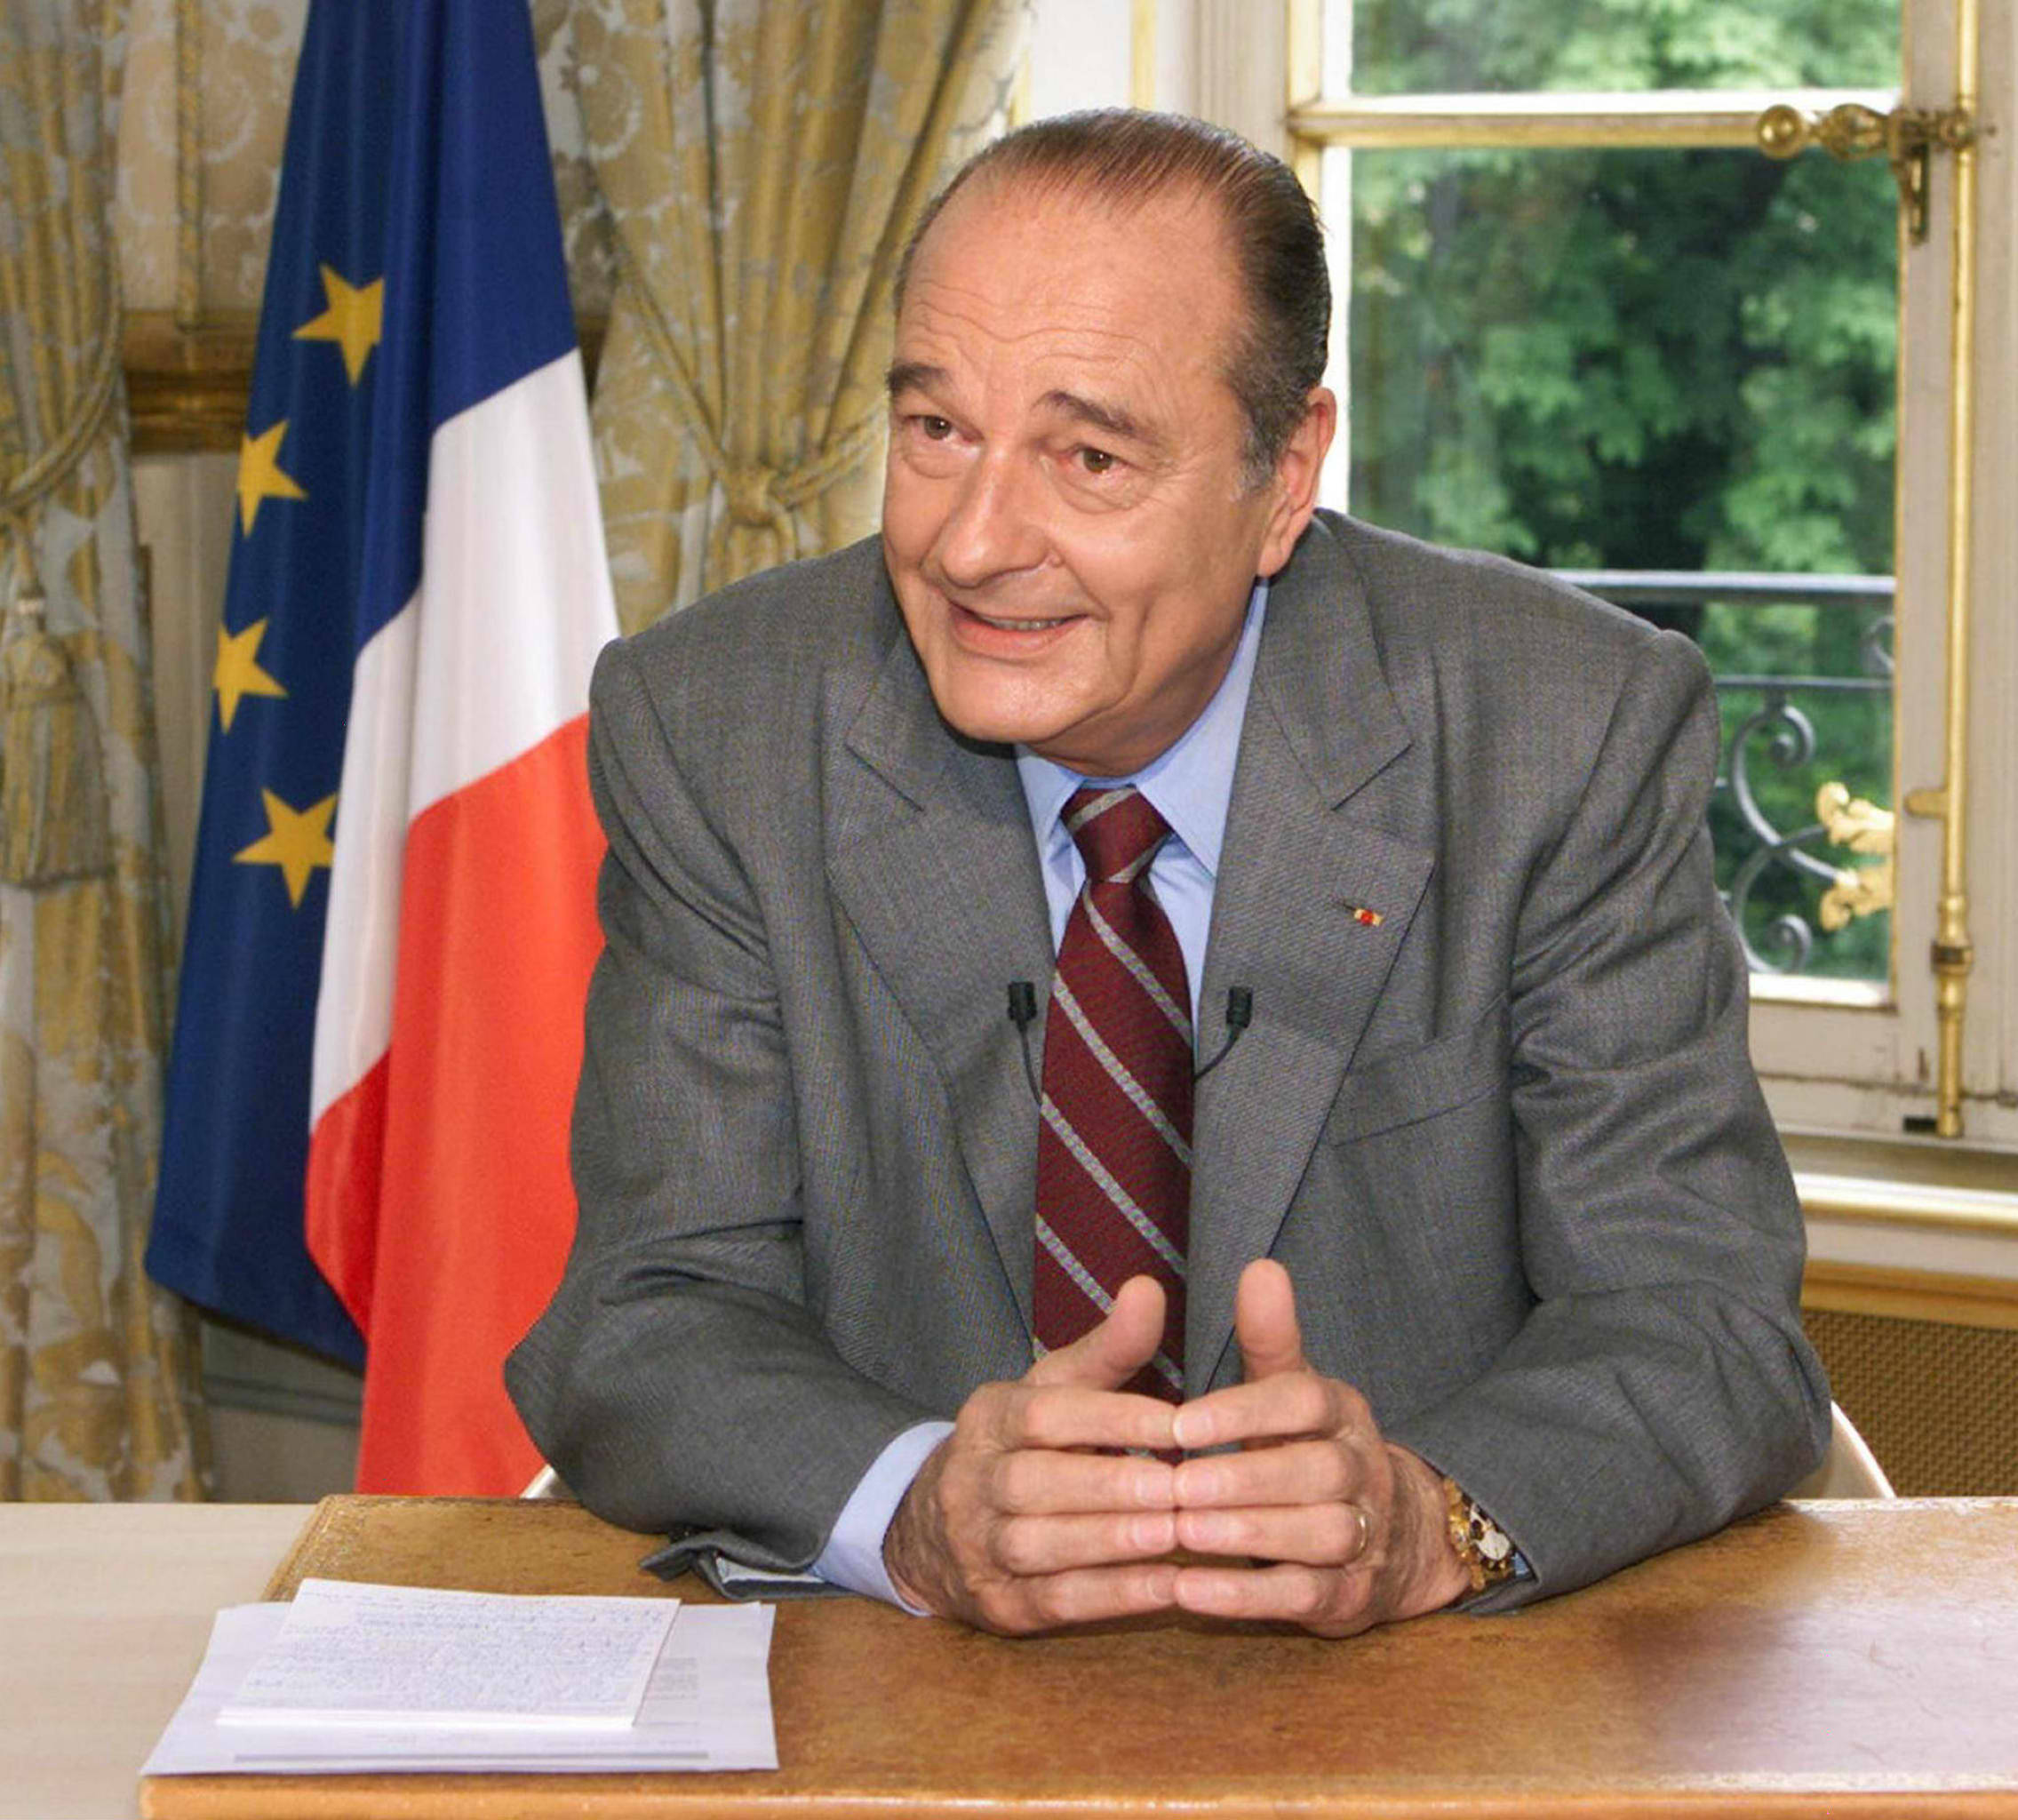 Actriz Porno De Extrema Derecha muere jacques chirac, expresidente de francia - europa